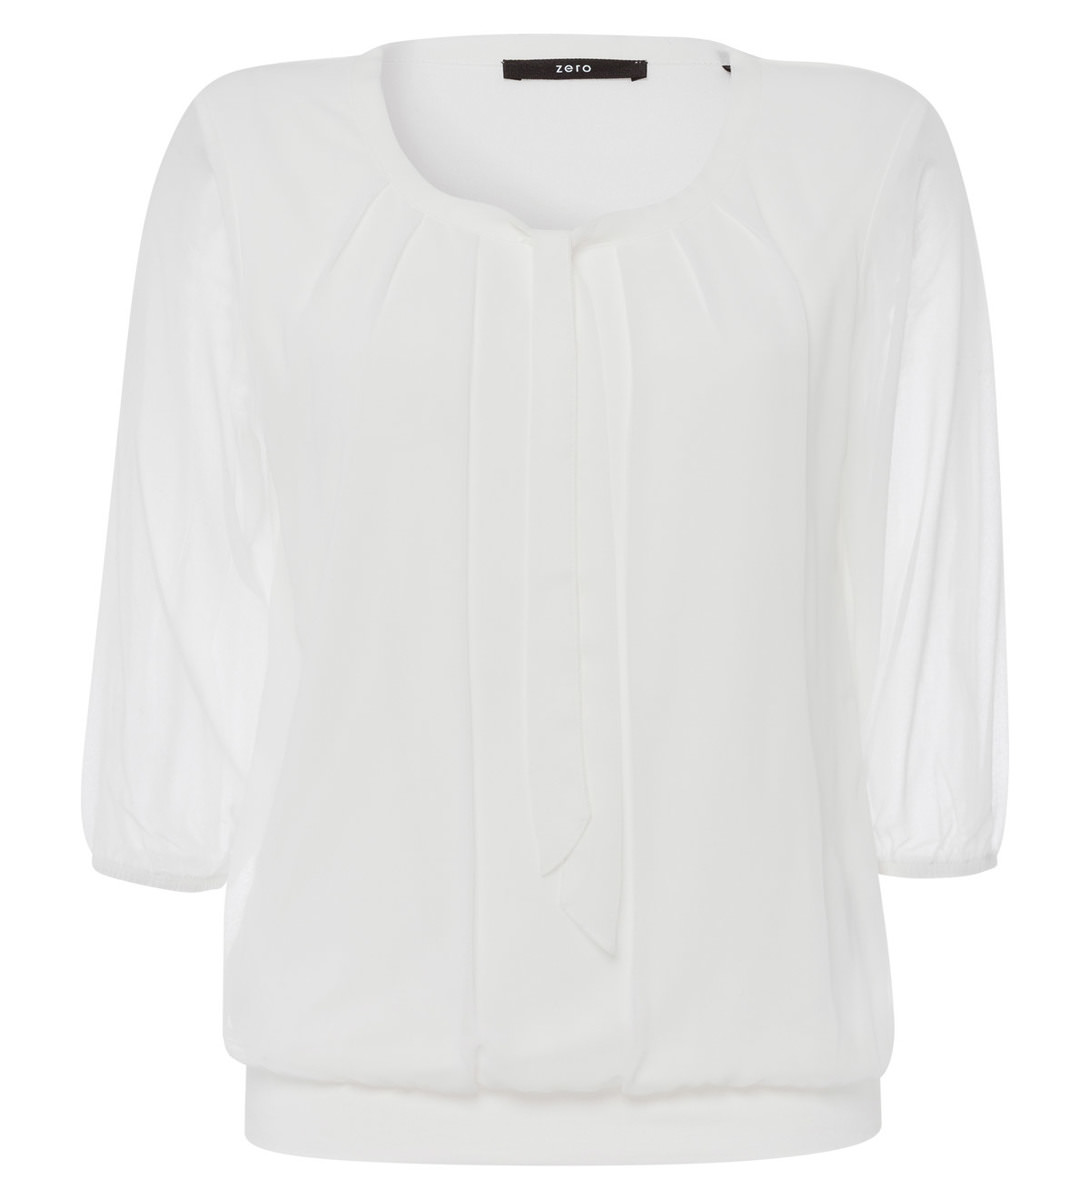 Bluse mit Schluppenkragen in offwhite